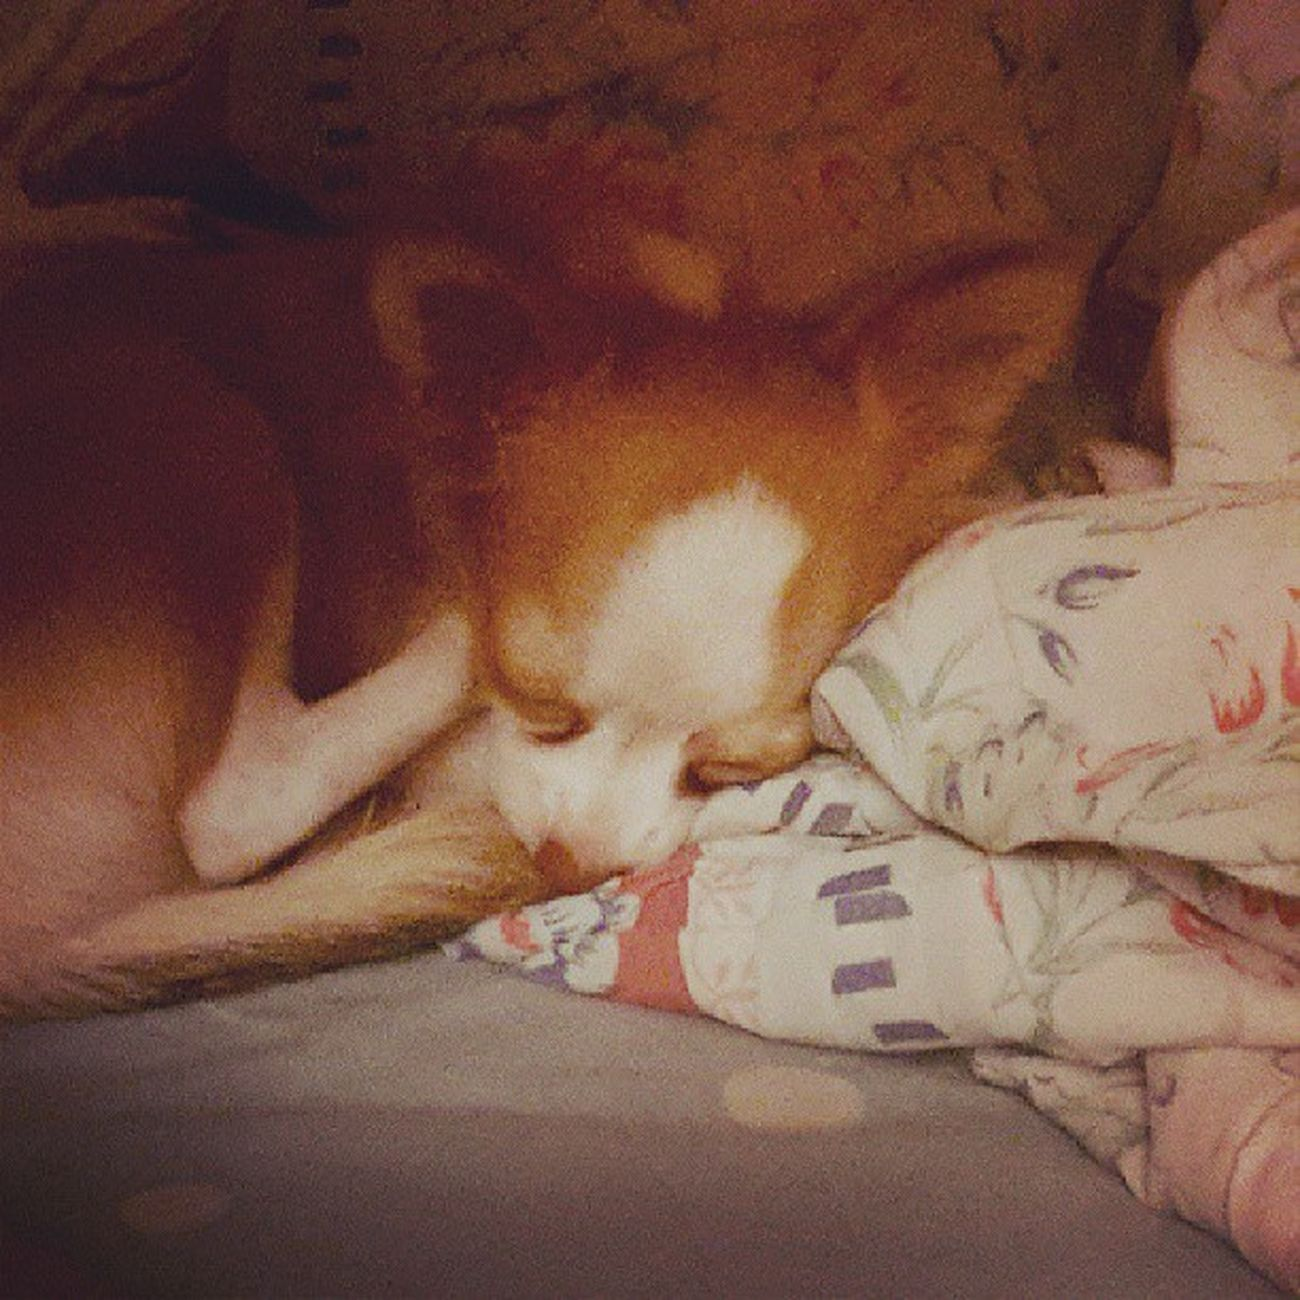 นอนหลบมุม หามุมหลบ นอนหลับฝันดี Sweet Dream on Wednesday Night เขินกล้อง ไม่ยอมให้ถ่าย Kimmydoggy